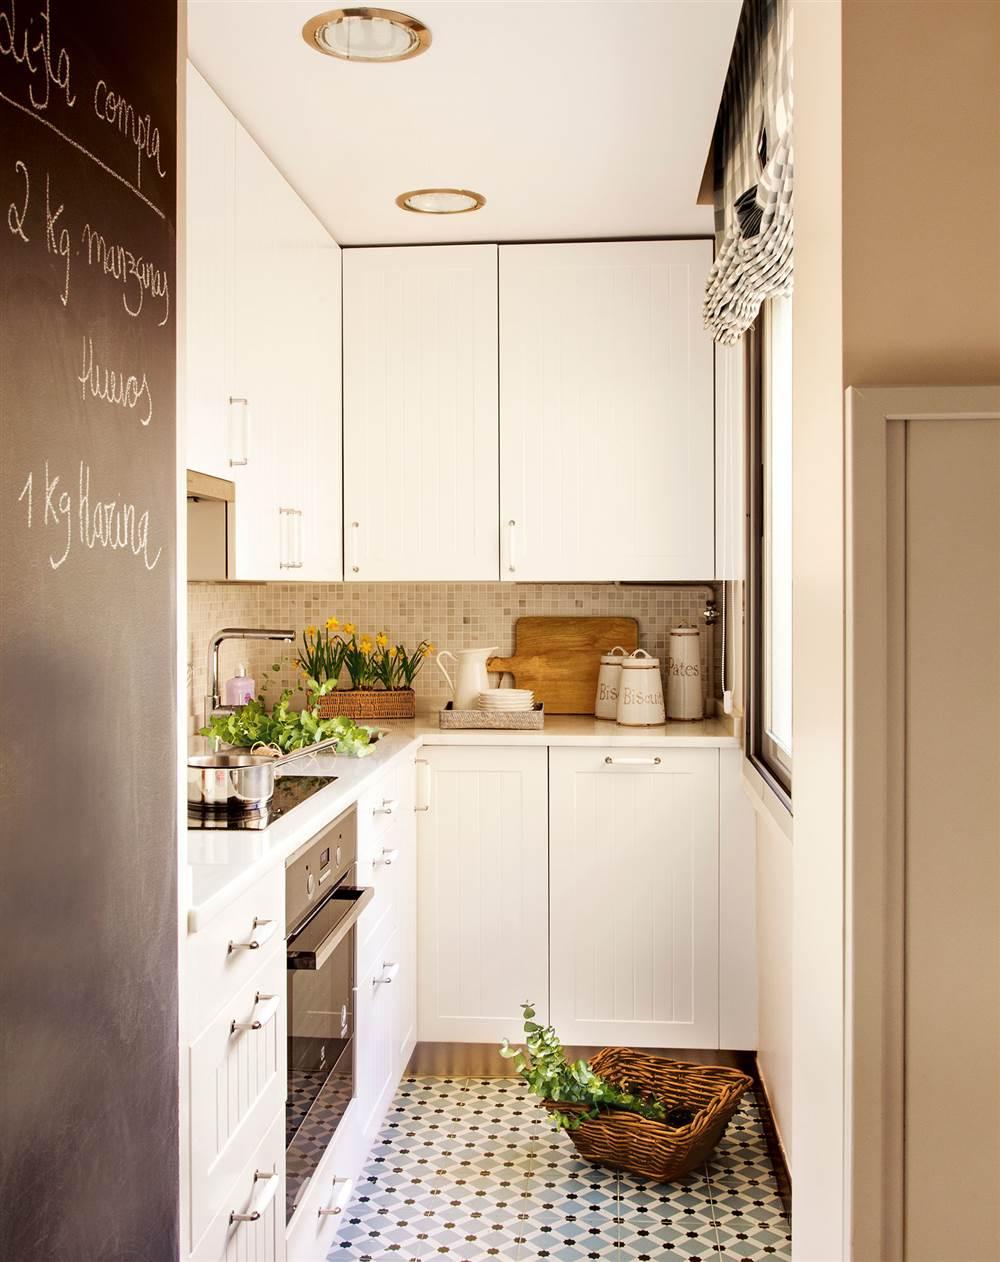 Ideas para aprovechar el espacio en las cocinas peque as for Enchape banos pequenos